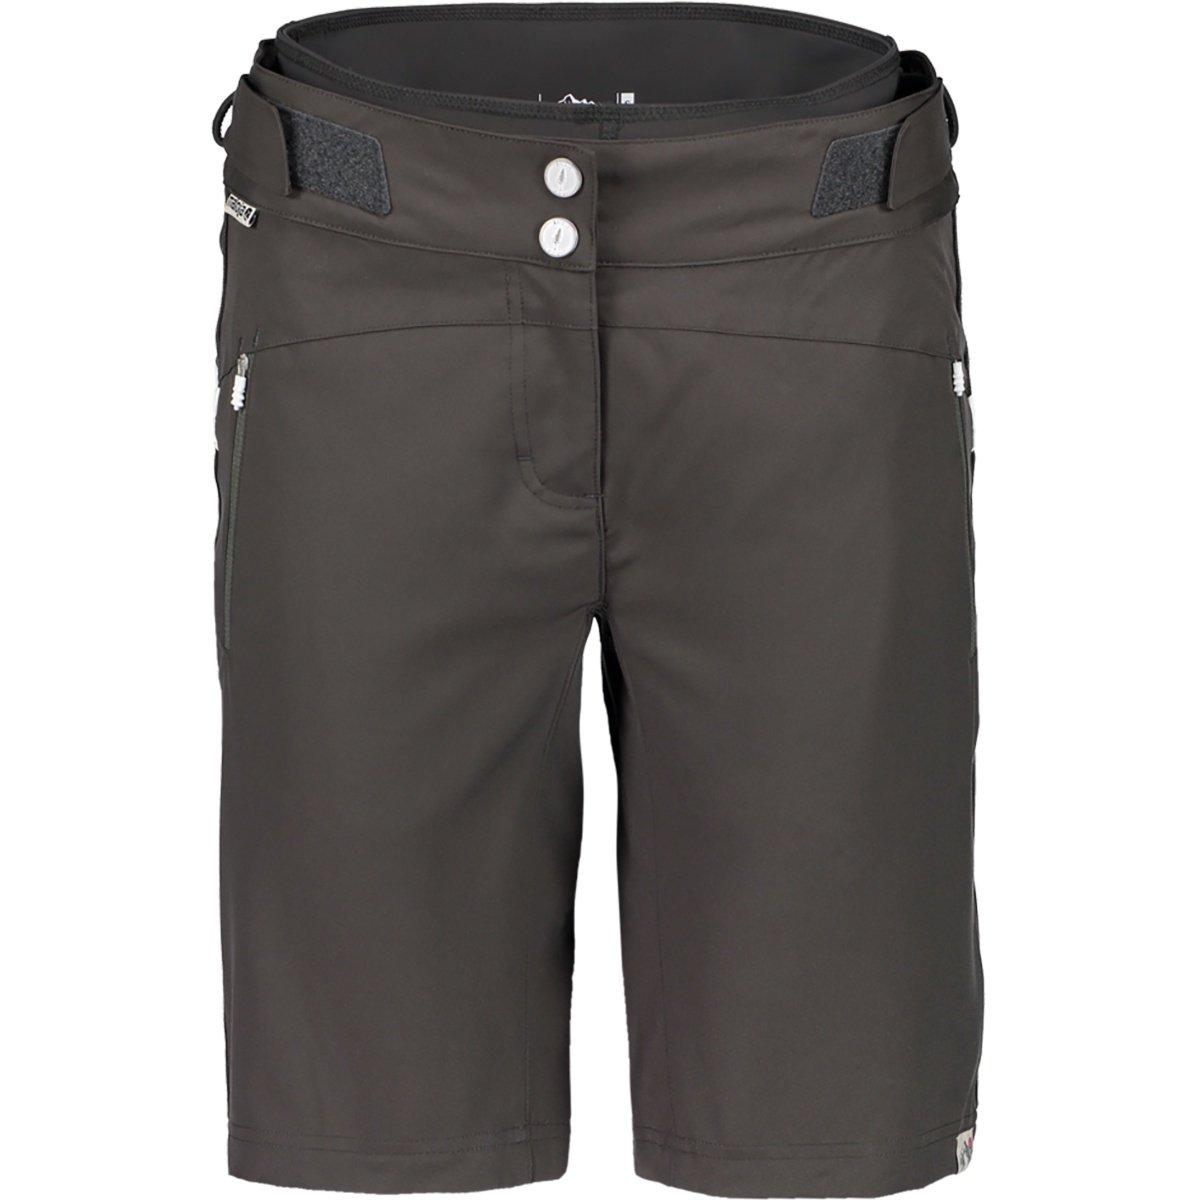 Maloja damen margeritem. radshorts radhose bike shorts neu